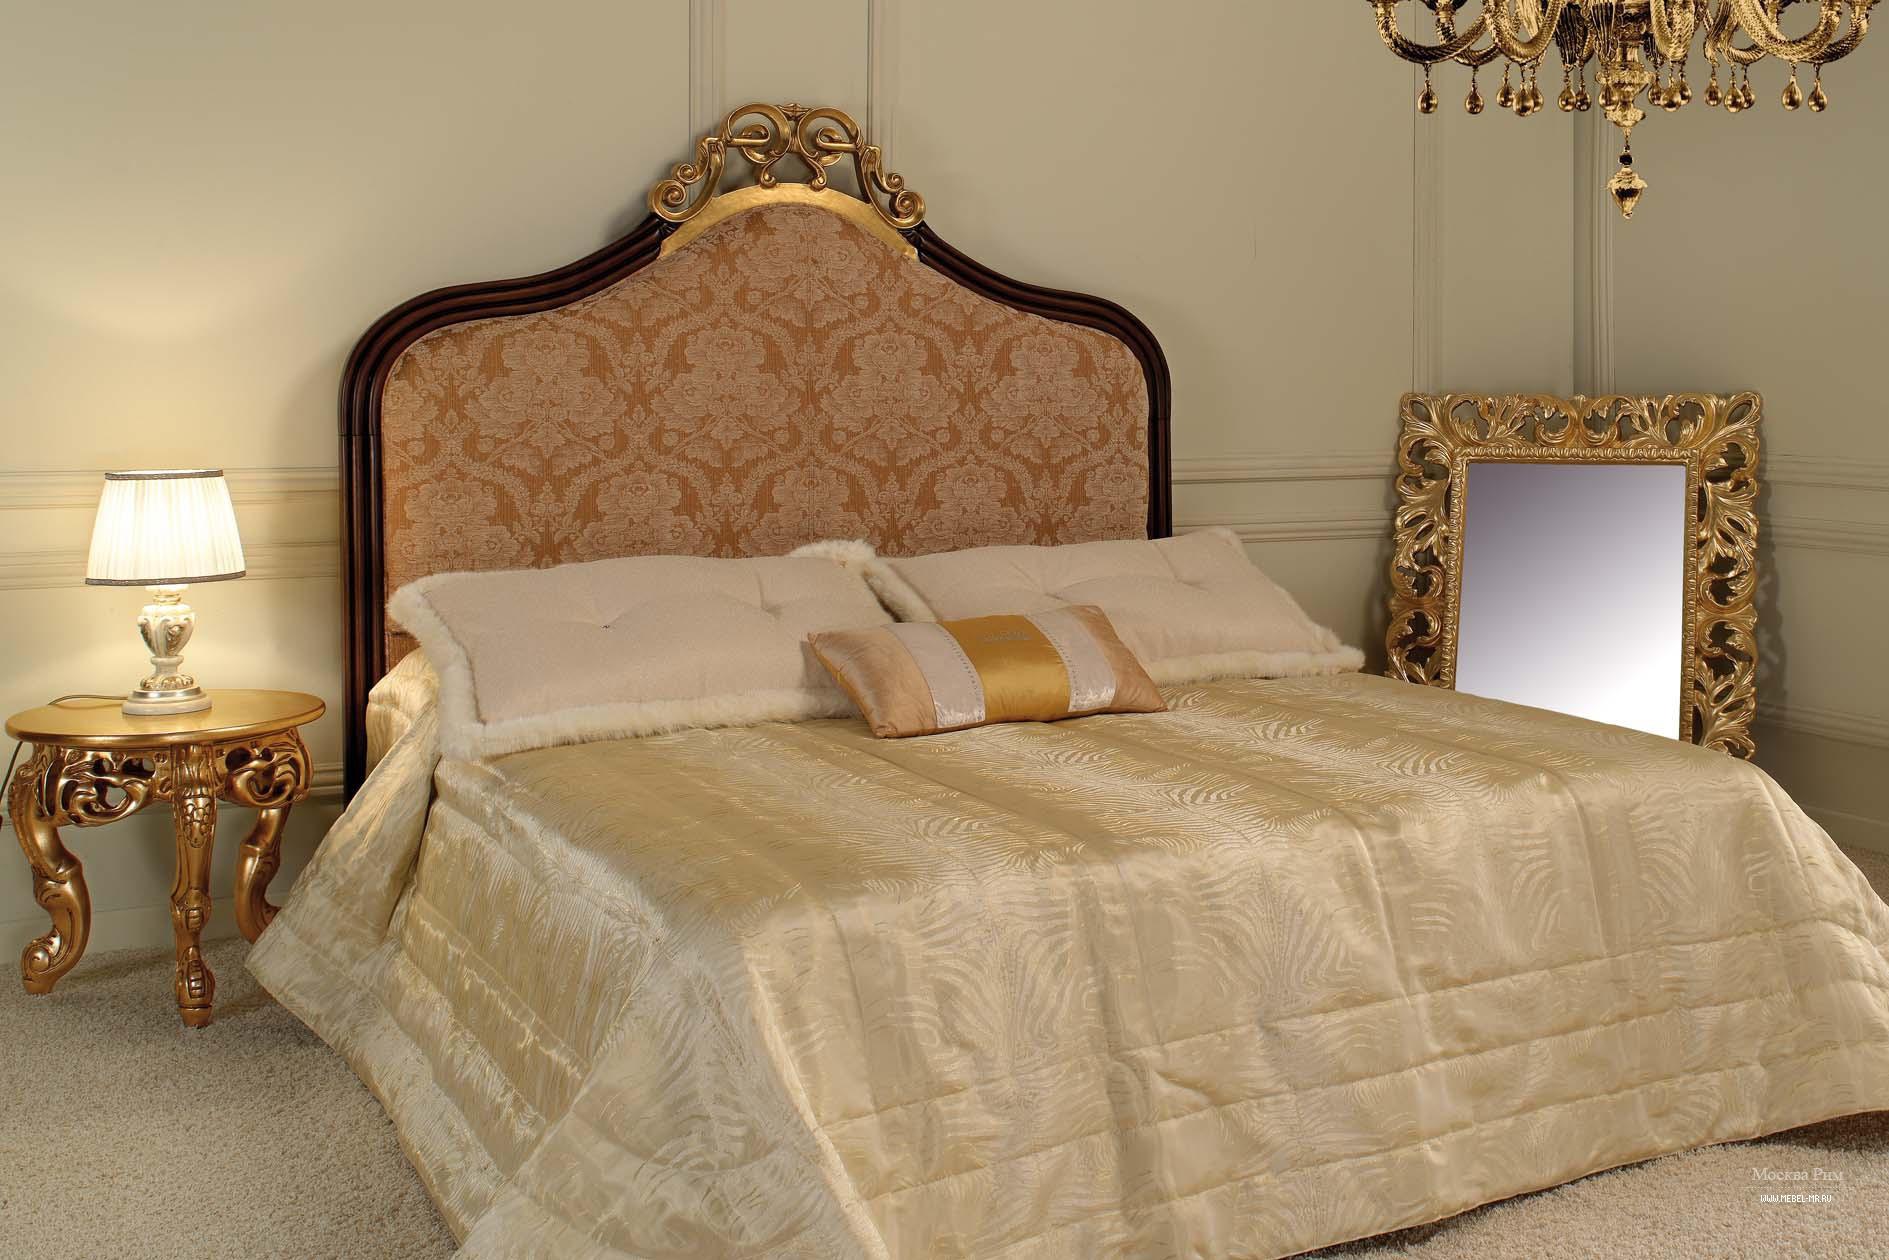 круглый золотистый прикроватный столик в интерьере классической спальни